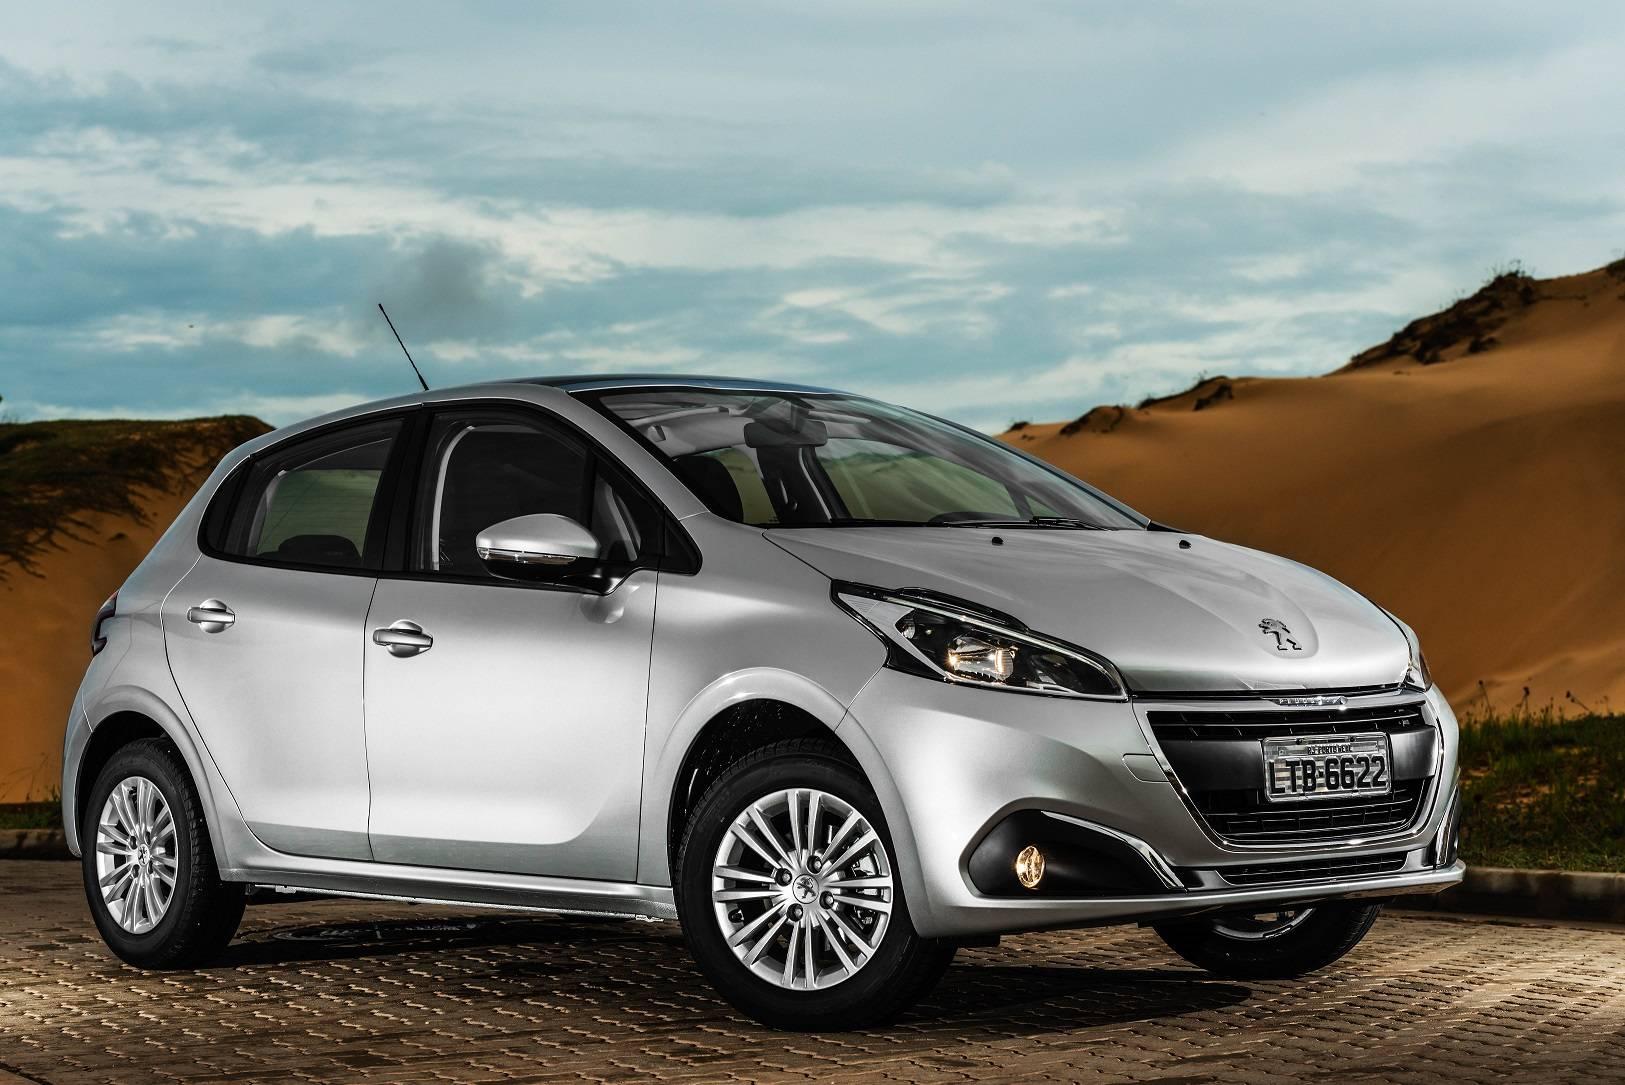 Carro Peugeot 208 ilustrando o texto Descubra os 10 carros mais econômicos do Brasil em 2020